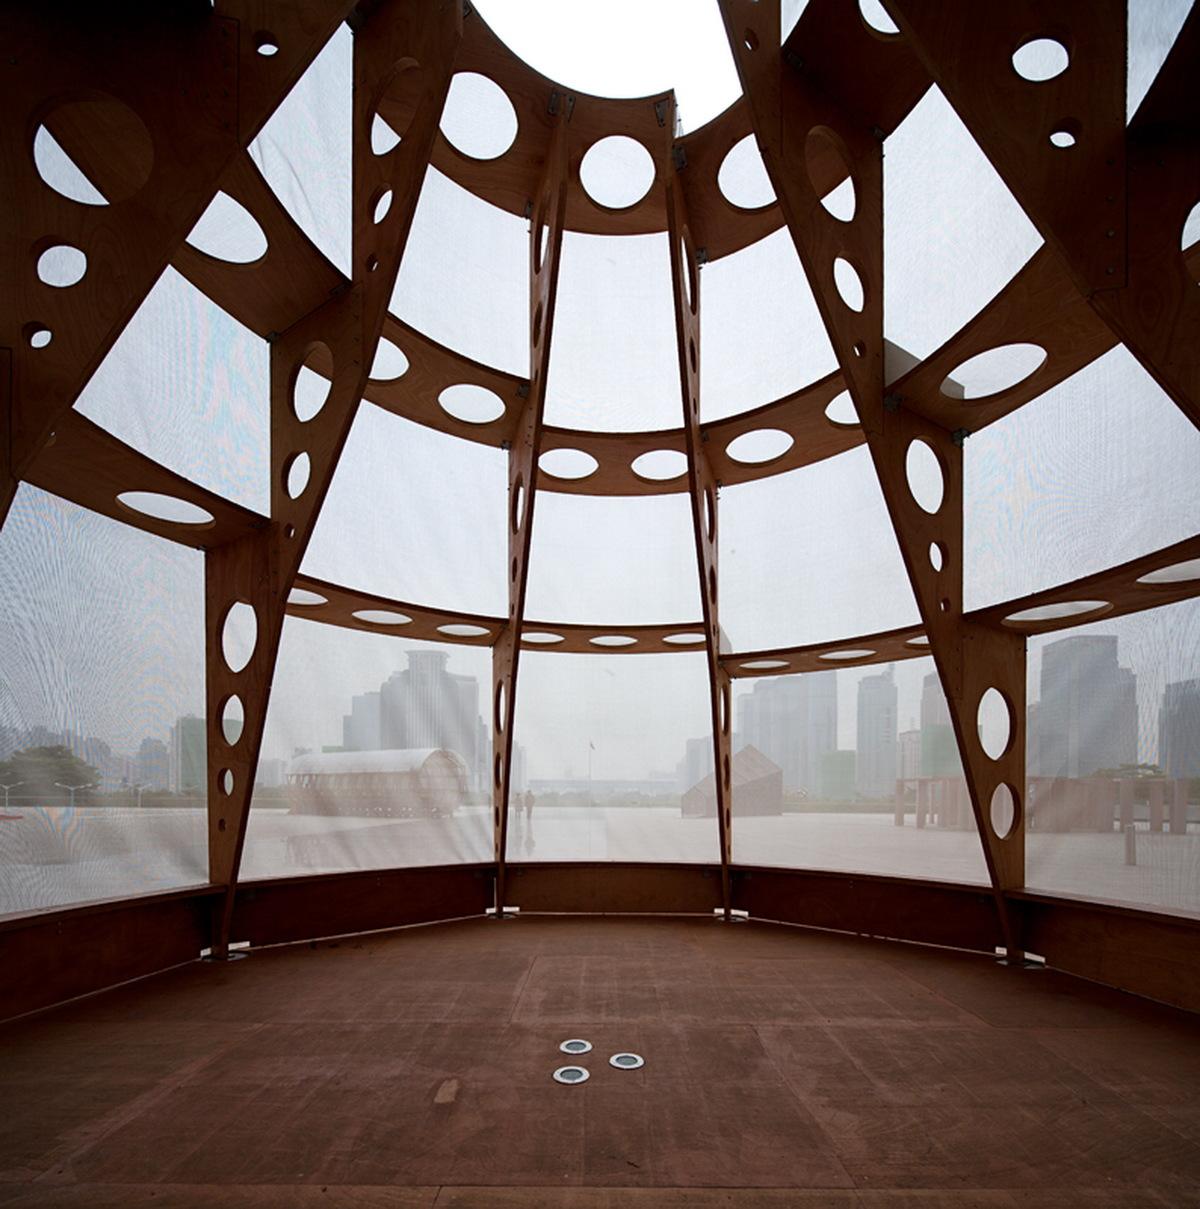 OBRA, Oxymoron Pavilion OBRA, image courtesy of UABB.